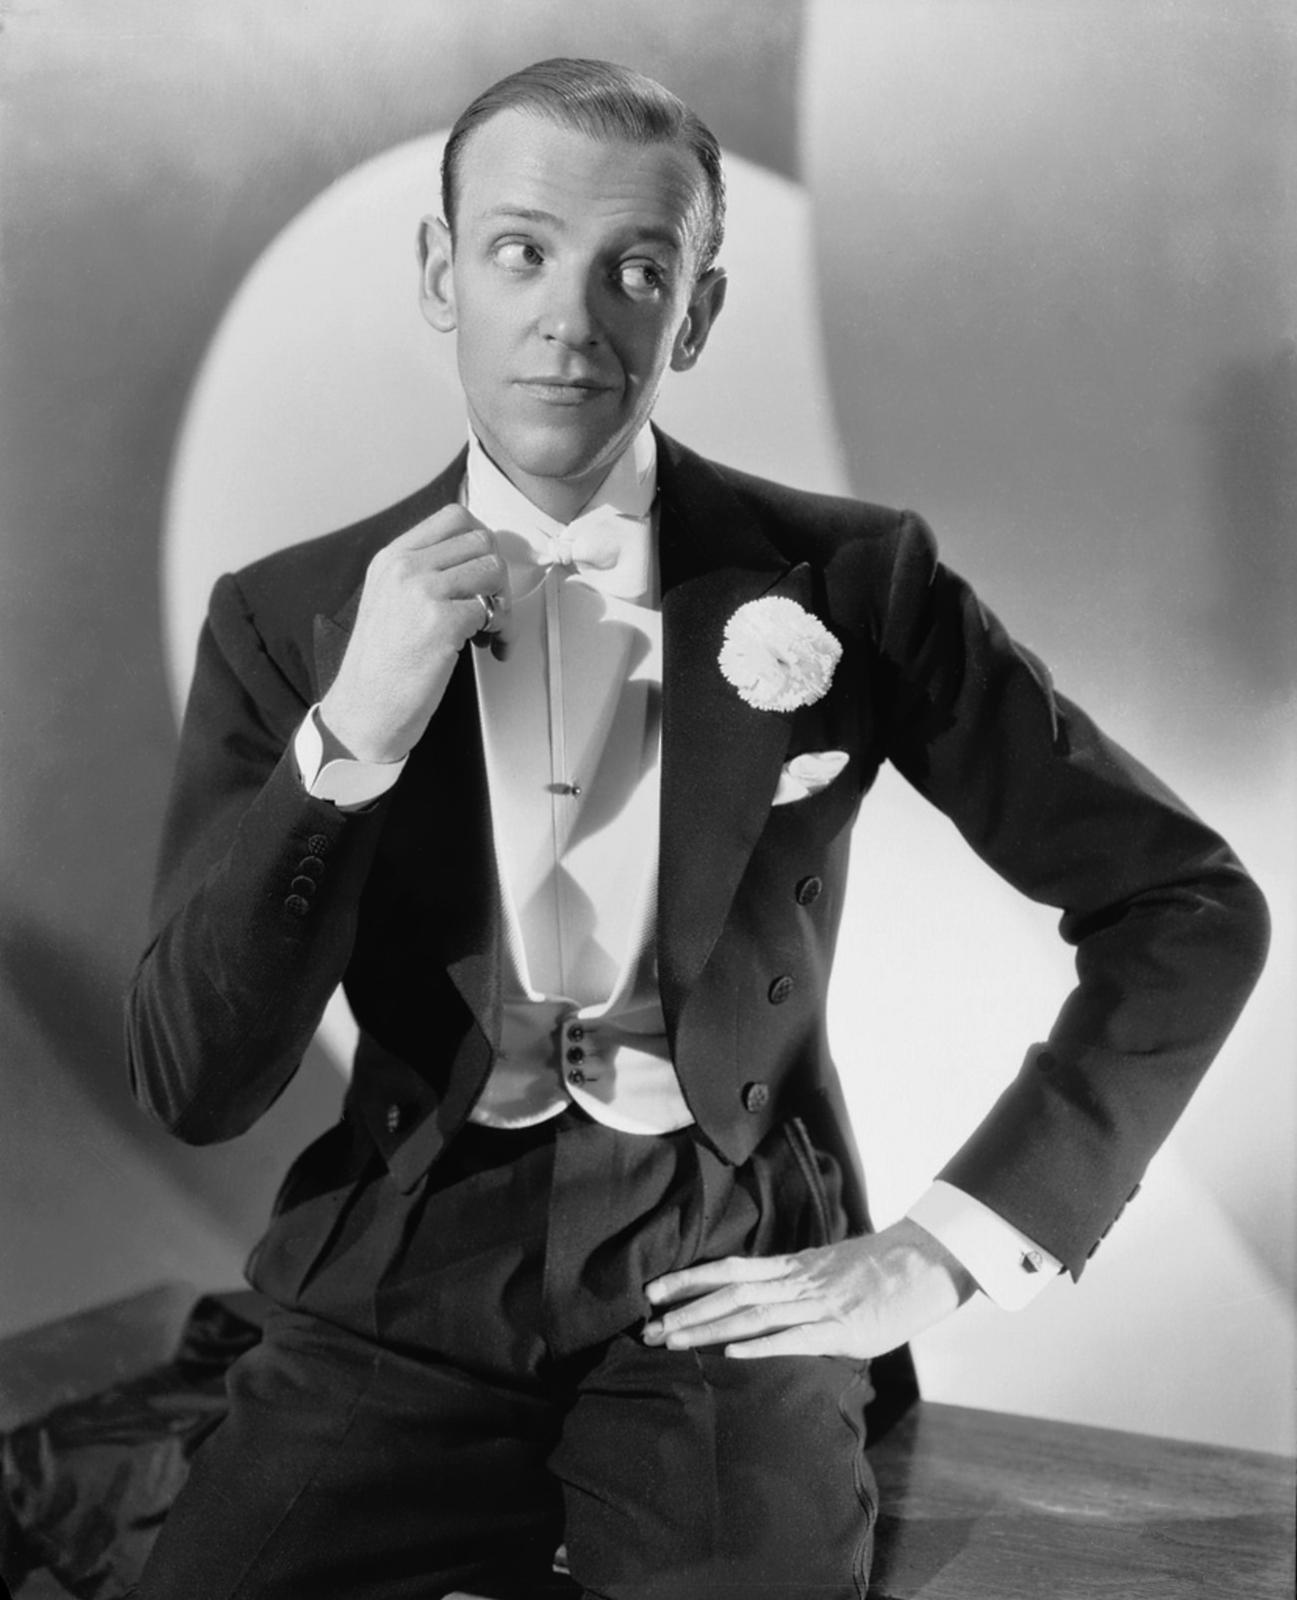 fred astaire フレッド・アステア(fred astaire, 1899年 5月10日 - 1987年 6月22日)は、アメリカ合衆国 ネブラスカ州 オマハ生まれの俳優、ダンサー、歌手.